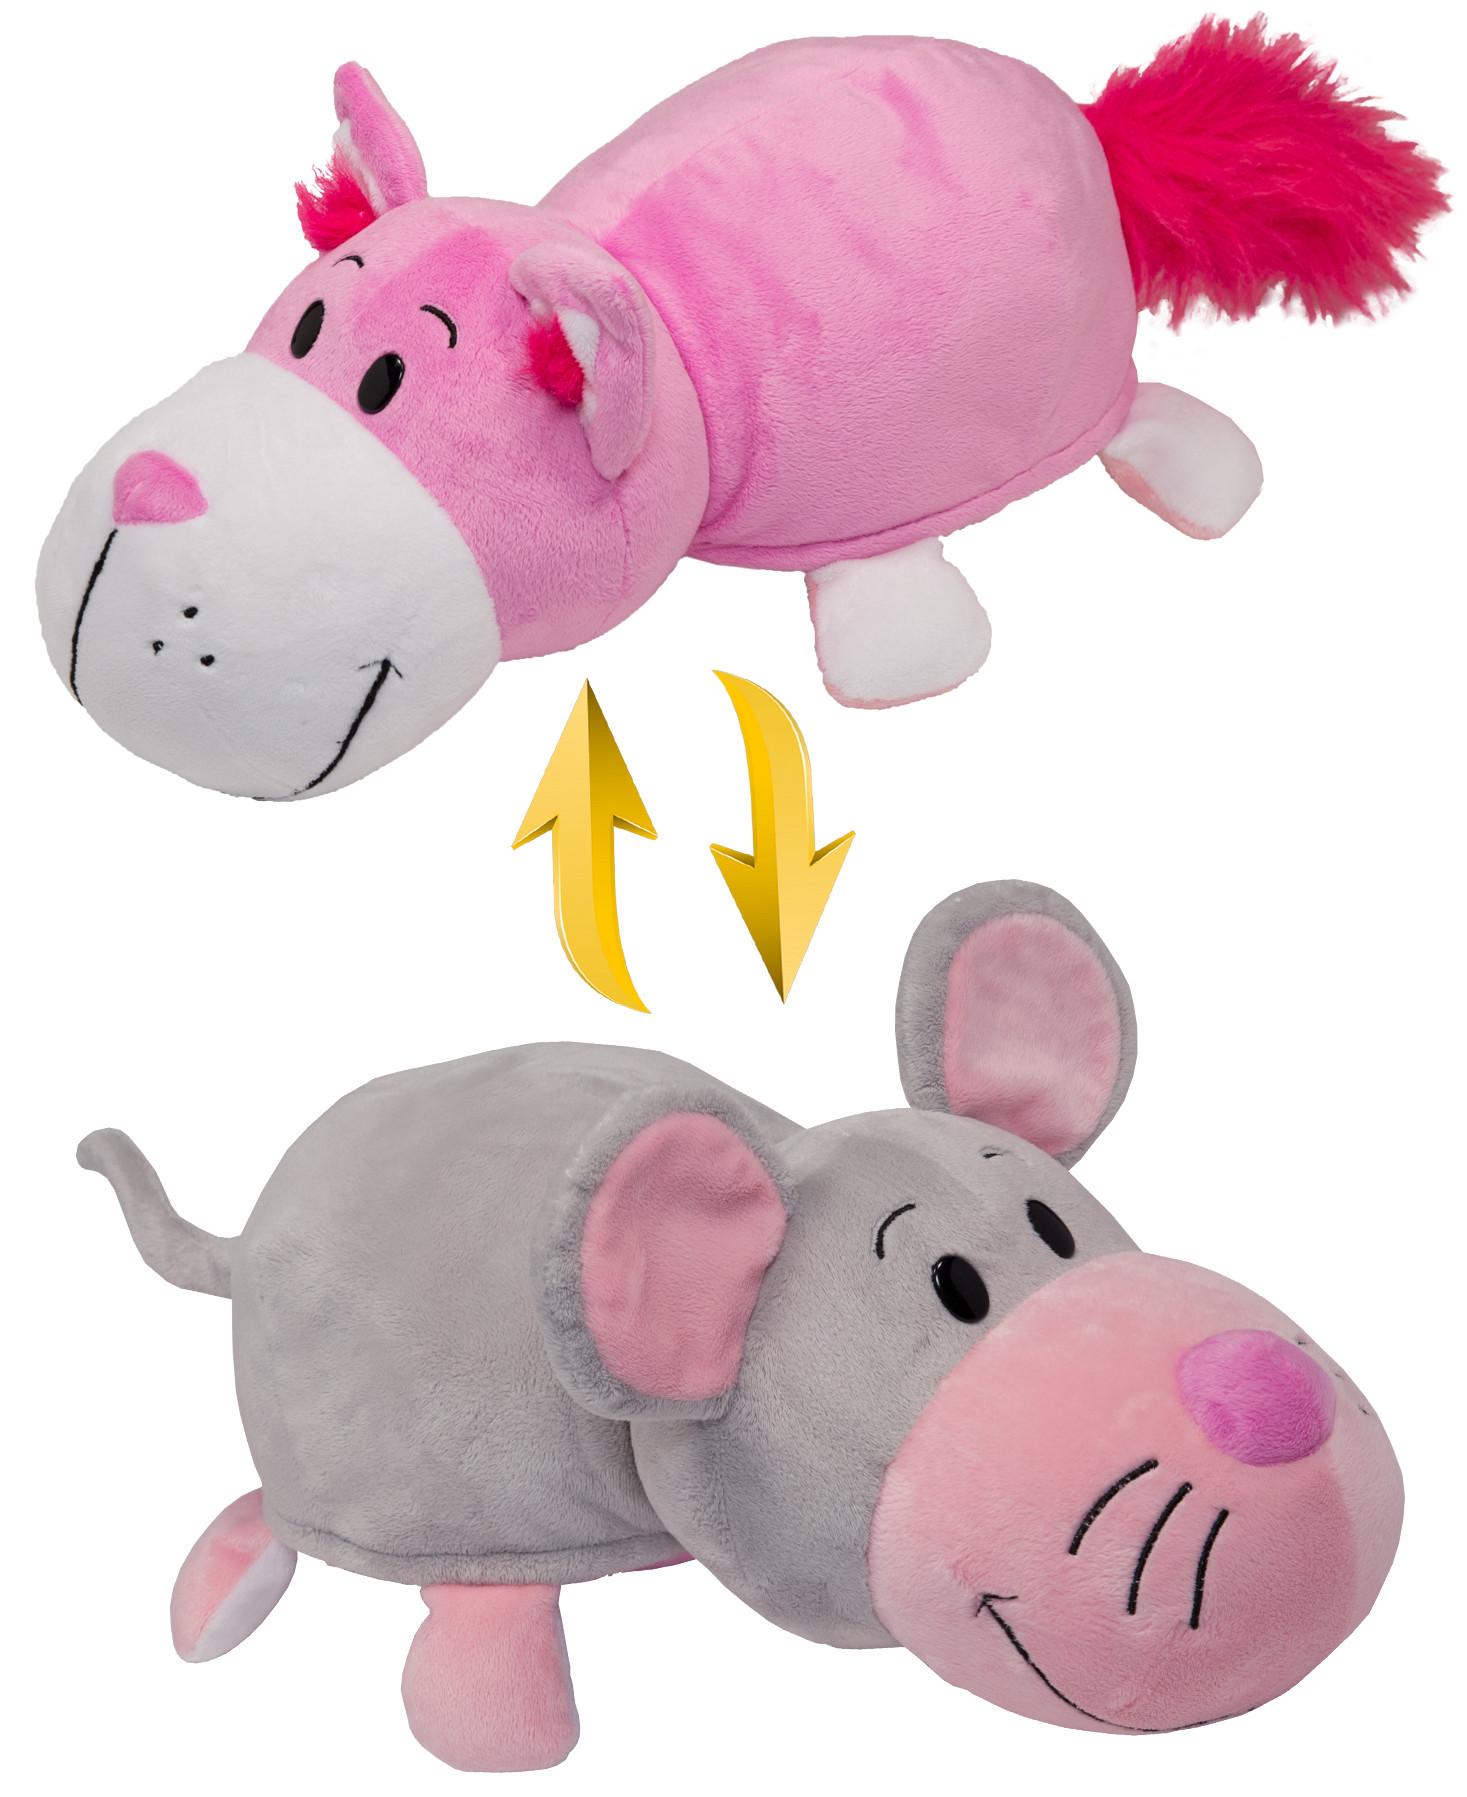 Мягкие игрушки 1toy Мягкая игрушка 1toy «Вывернушка. Кот-Мышь» 35 см мягкие игрушки monster high кот полумесяц